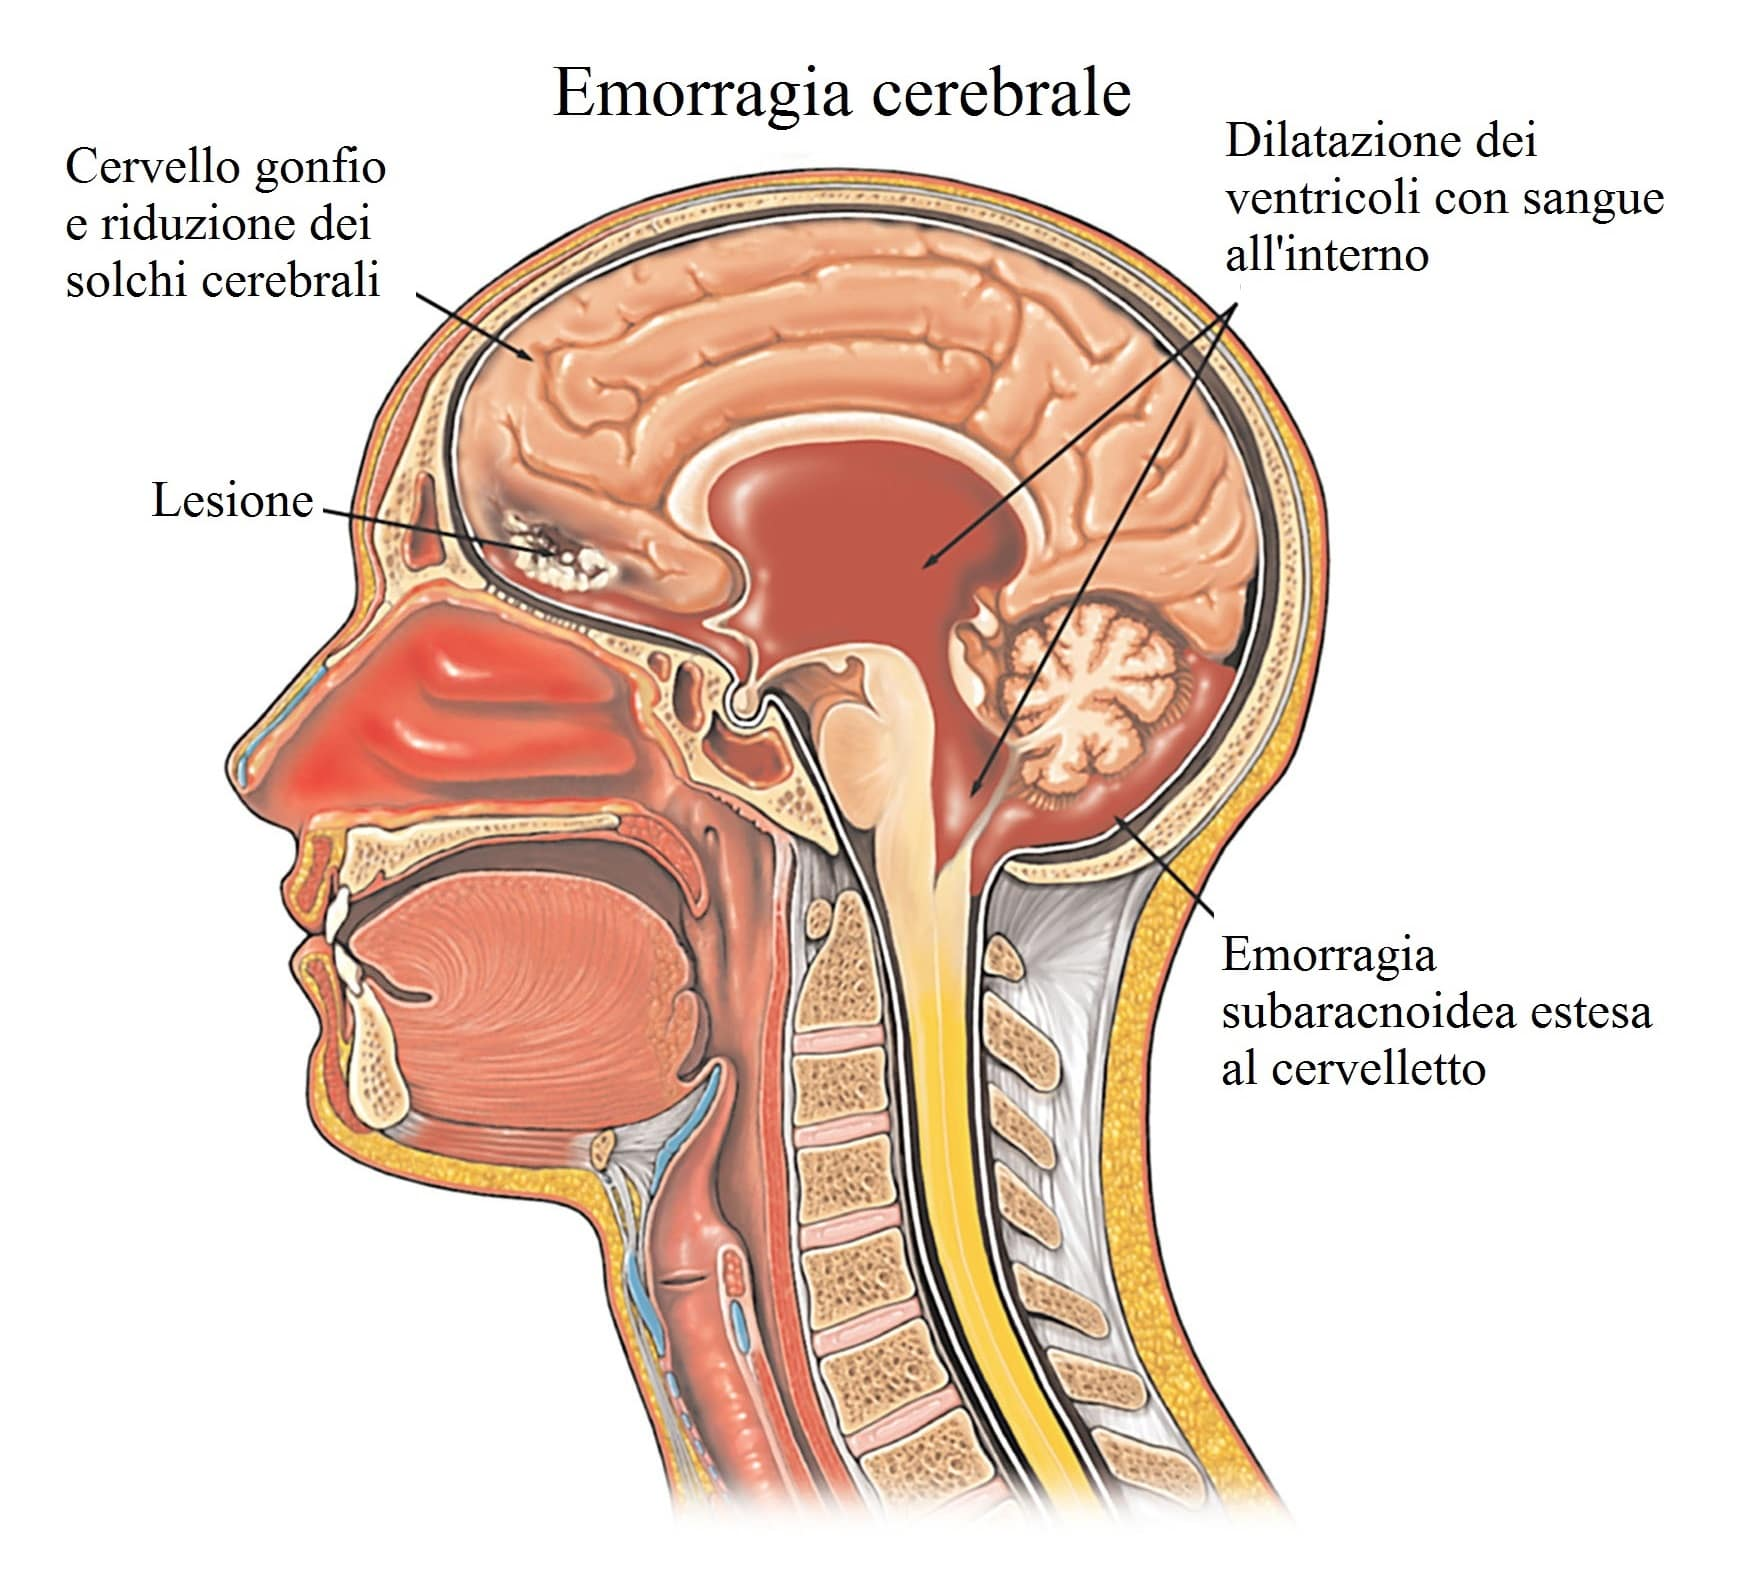 Dolore alla nuca destra o sinistra e rimedi for Mal di testa da cervicale quanto puo durare